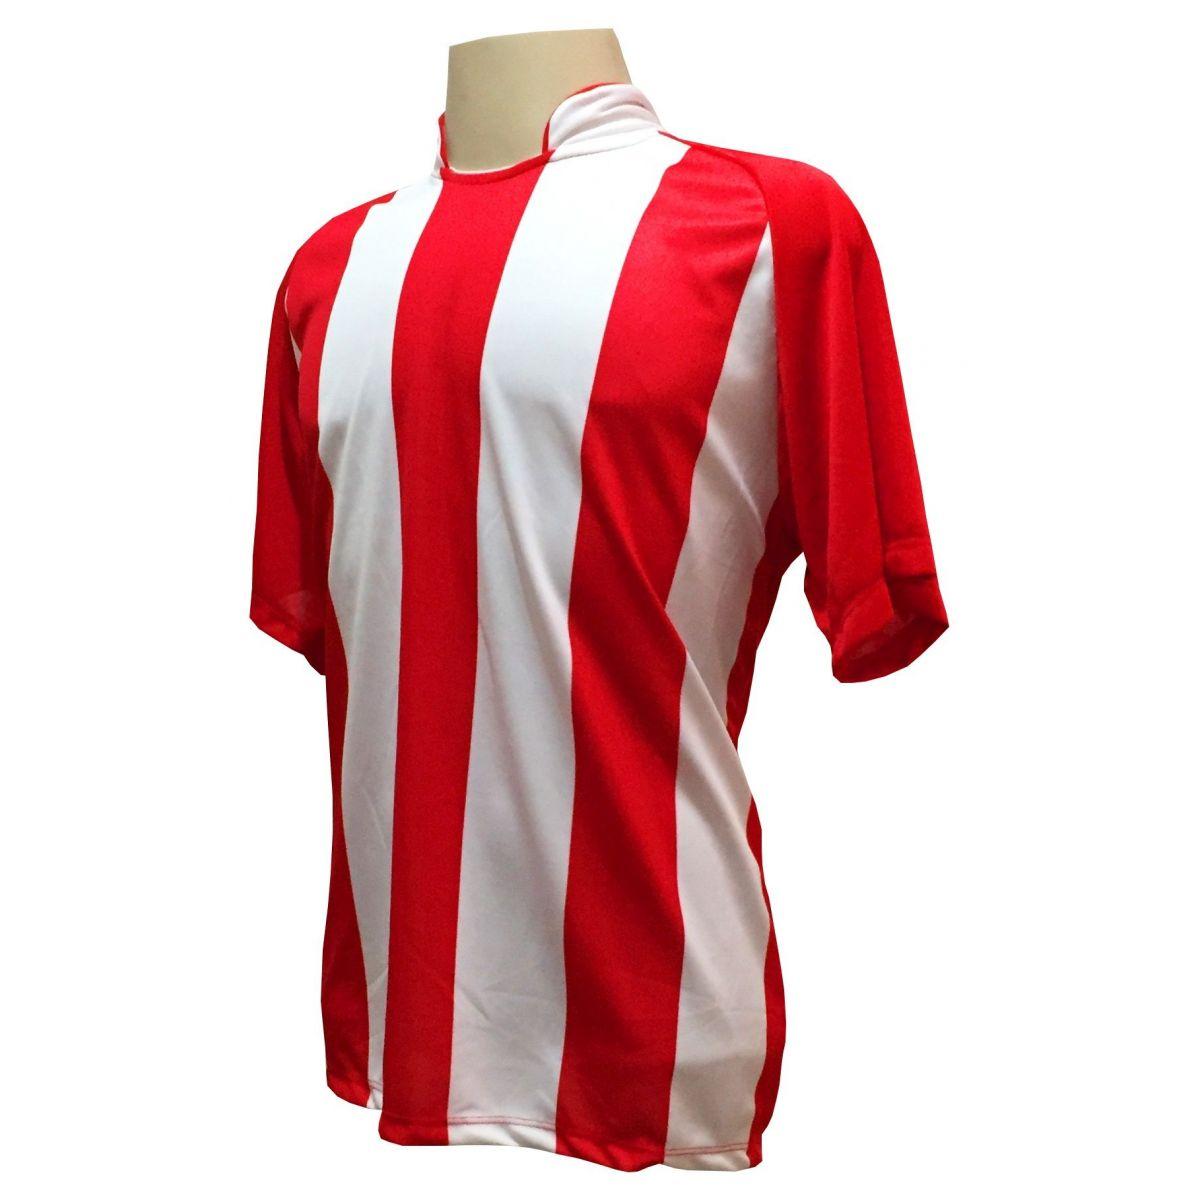 Fardamento Completo modelo Milan 20+2 (20 camisas Vermelho/Branco + 20 calções modelo Copa Royal/Branco + 20 pares de meiões Vermelho + 2 conjuntos de goleiro) + Brindes